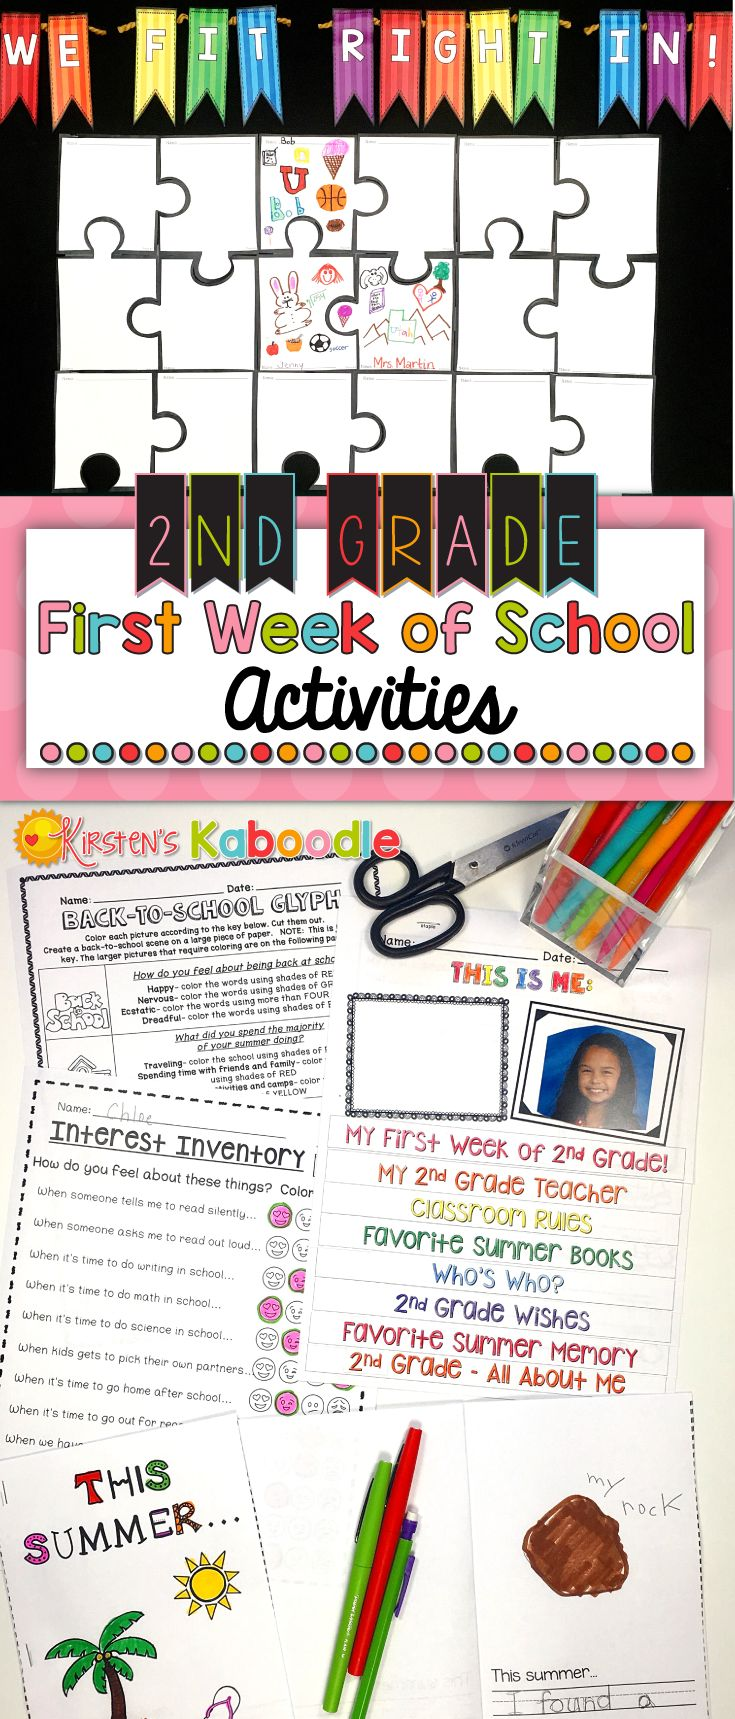 Best 20+ 2nd Grade Centers Ideas On Pinterest  2nd Grade Activities,  Homeschooling 2nd Grade And 2nd Grade Class